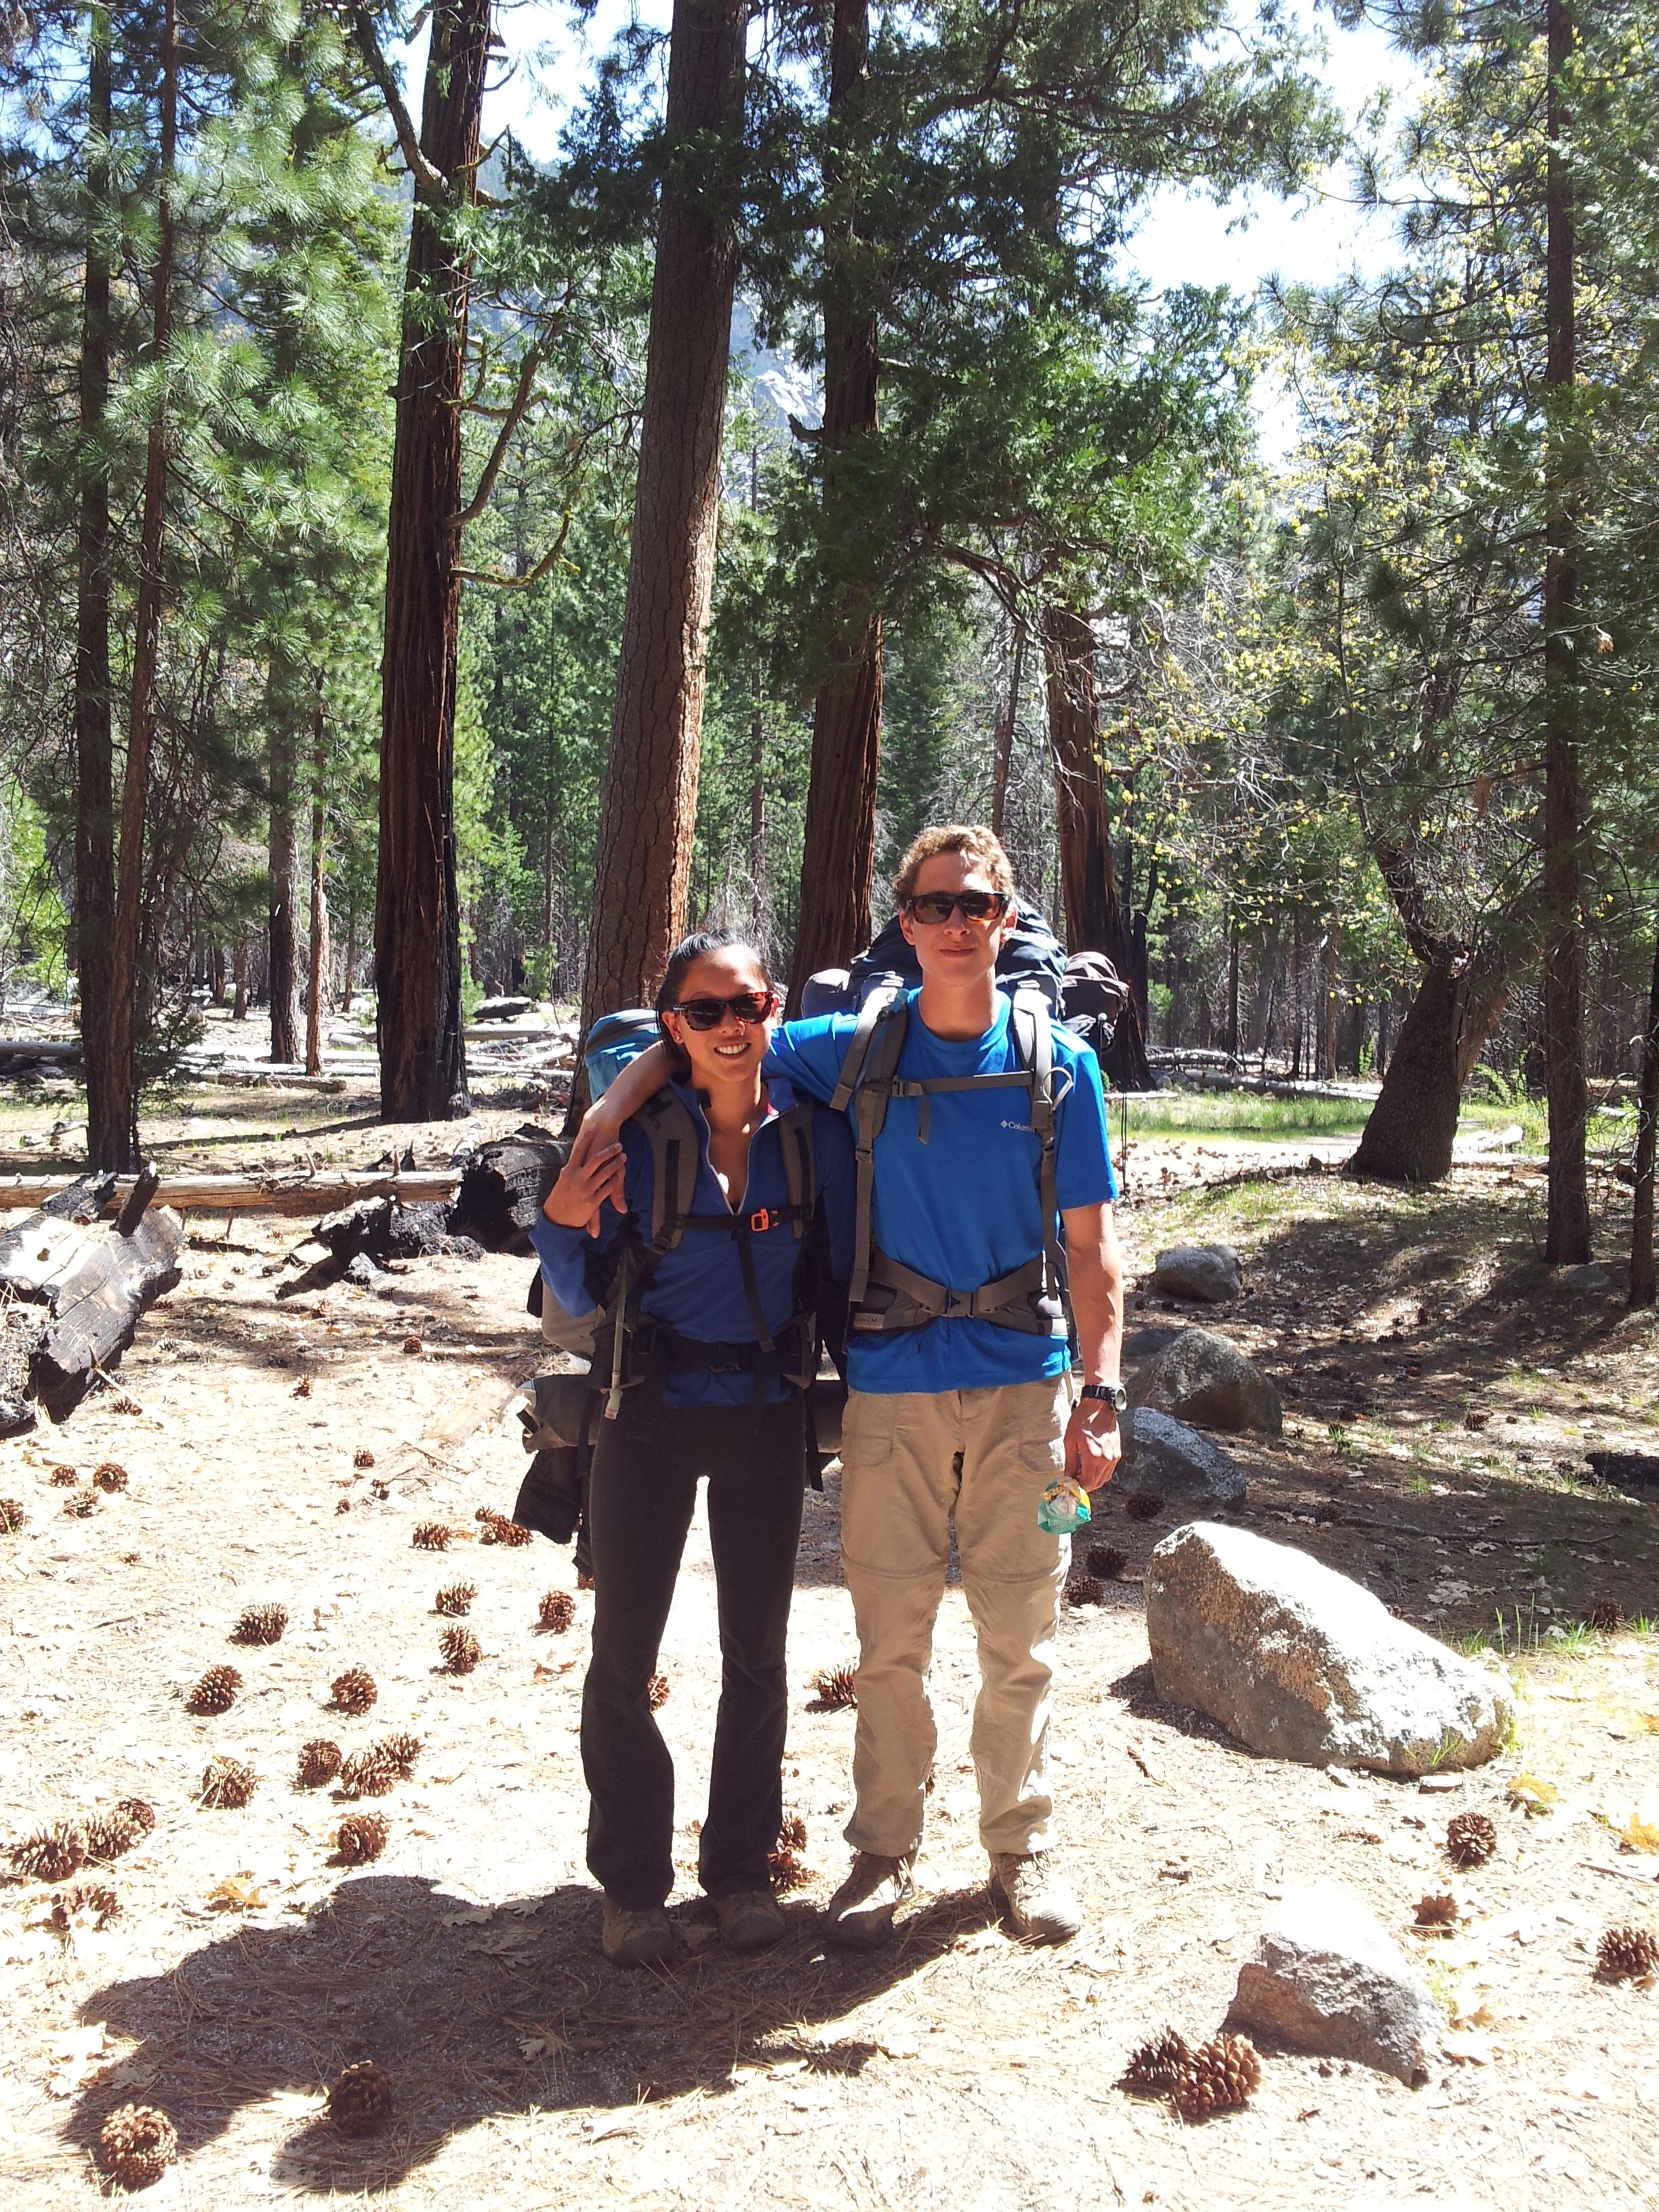 Team at the trail head